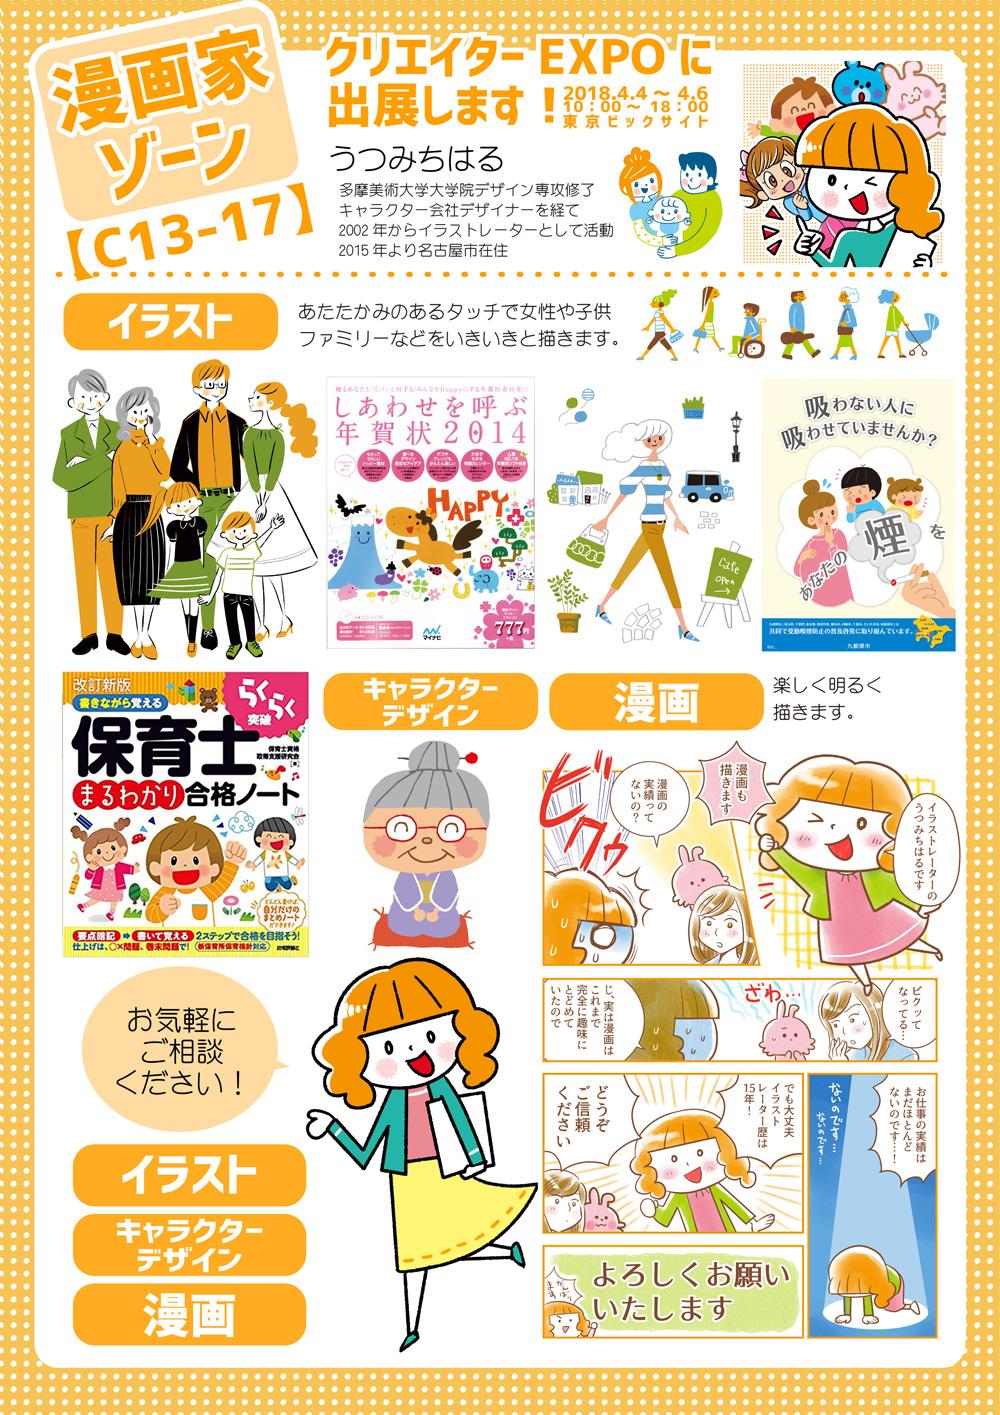 クリエイターEXPO・漫画家ゾーン C13-17